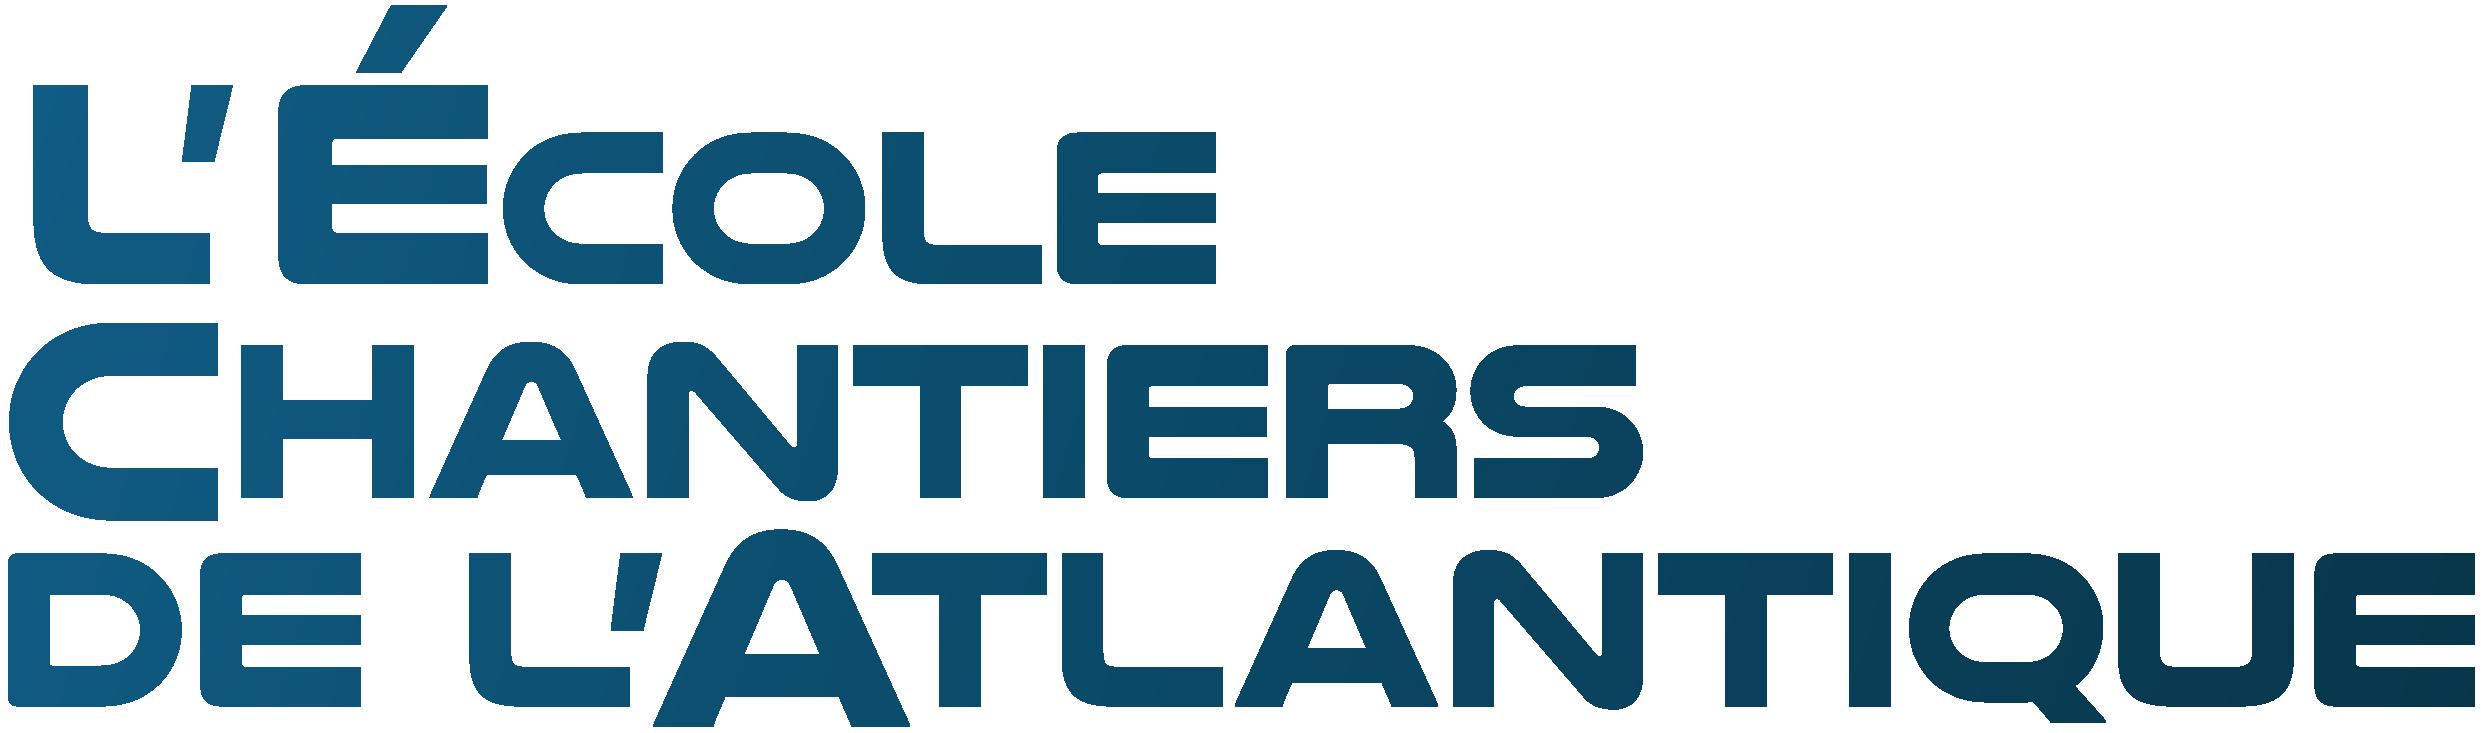 École des Chantiers de l'Atlantique